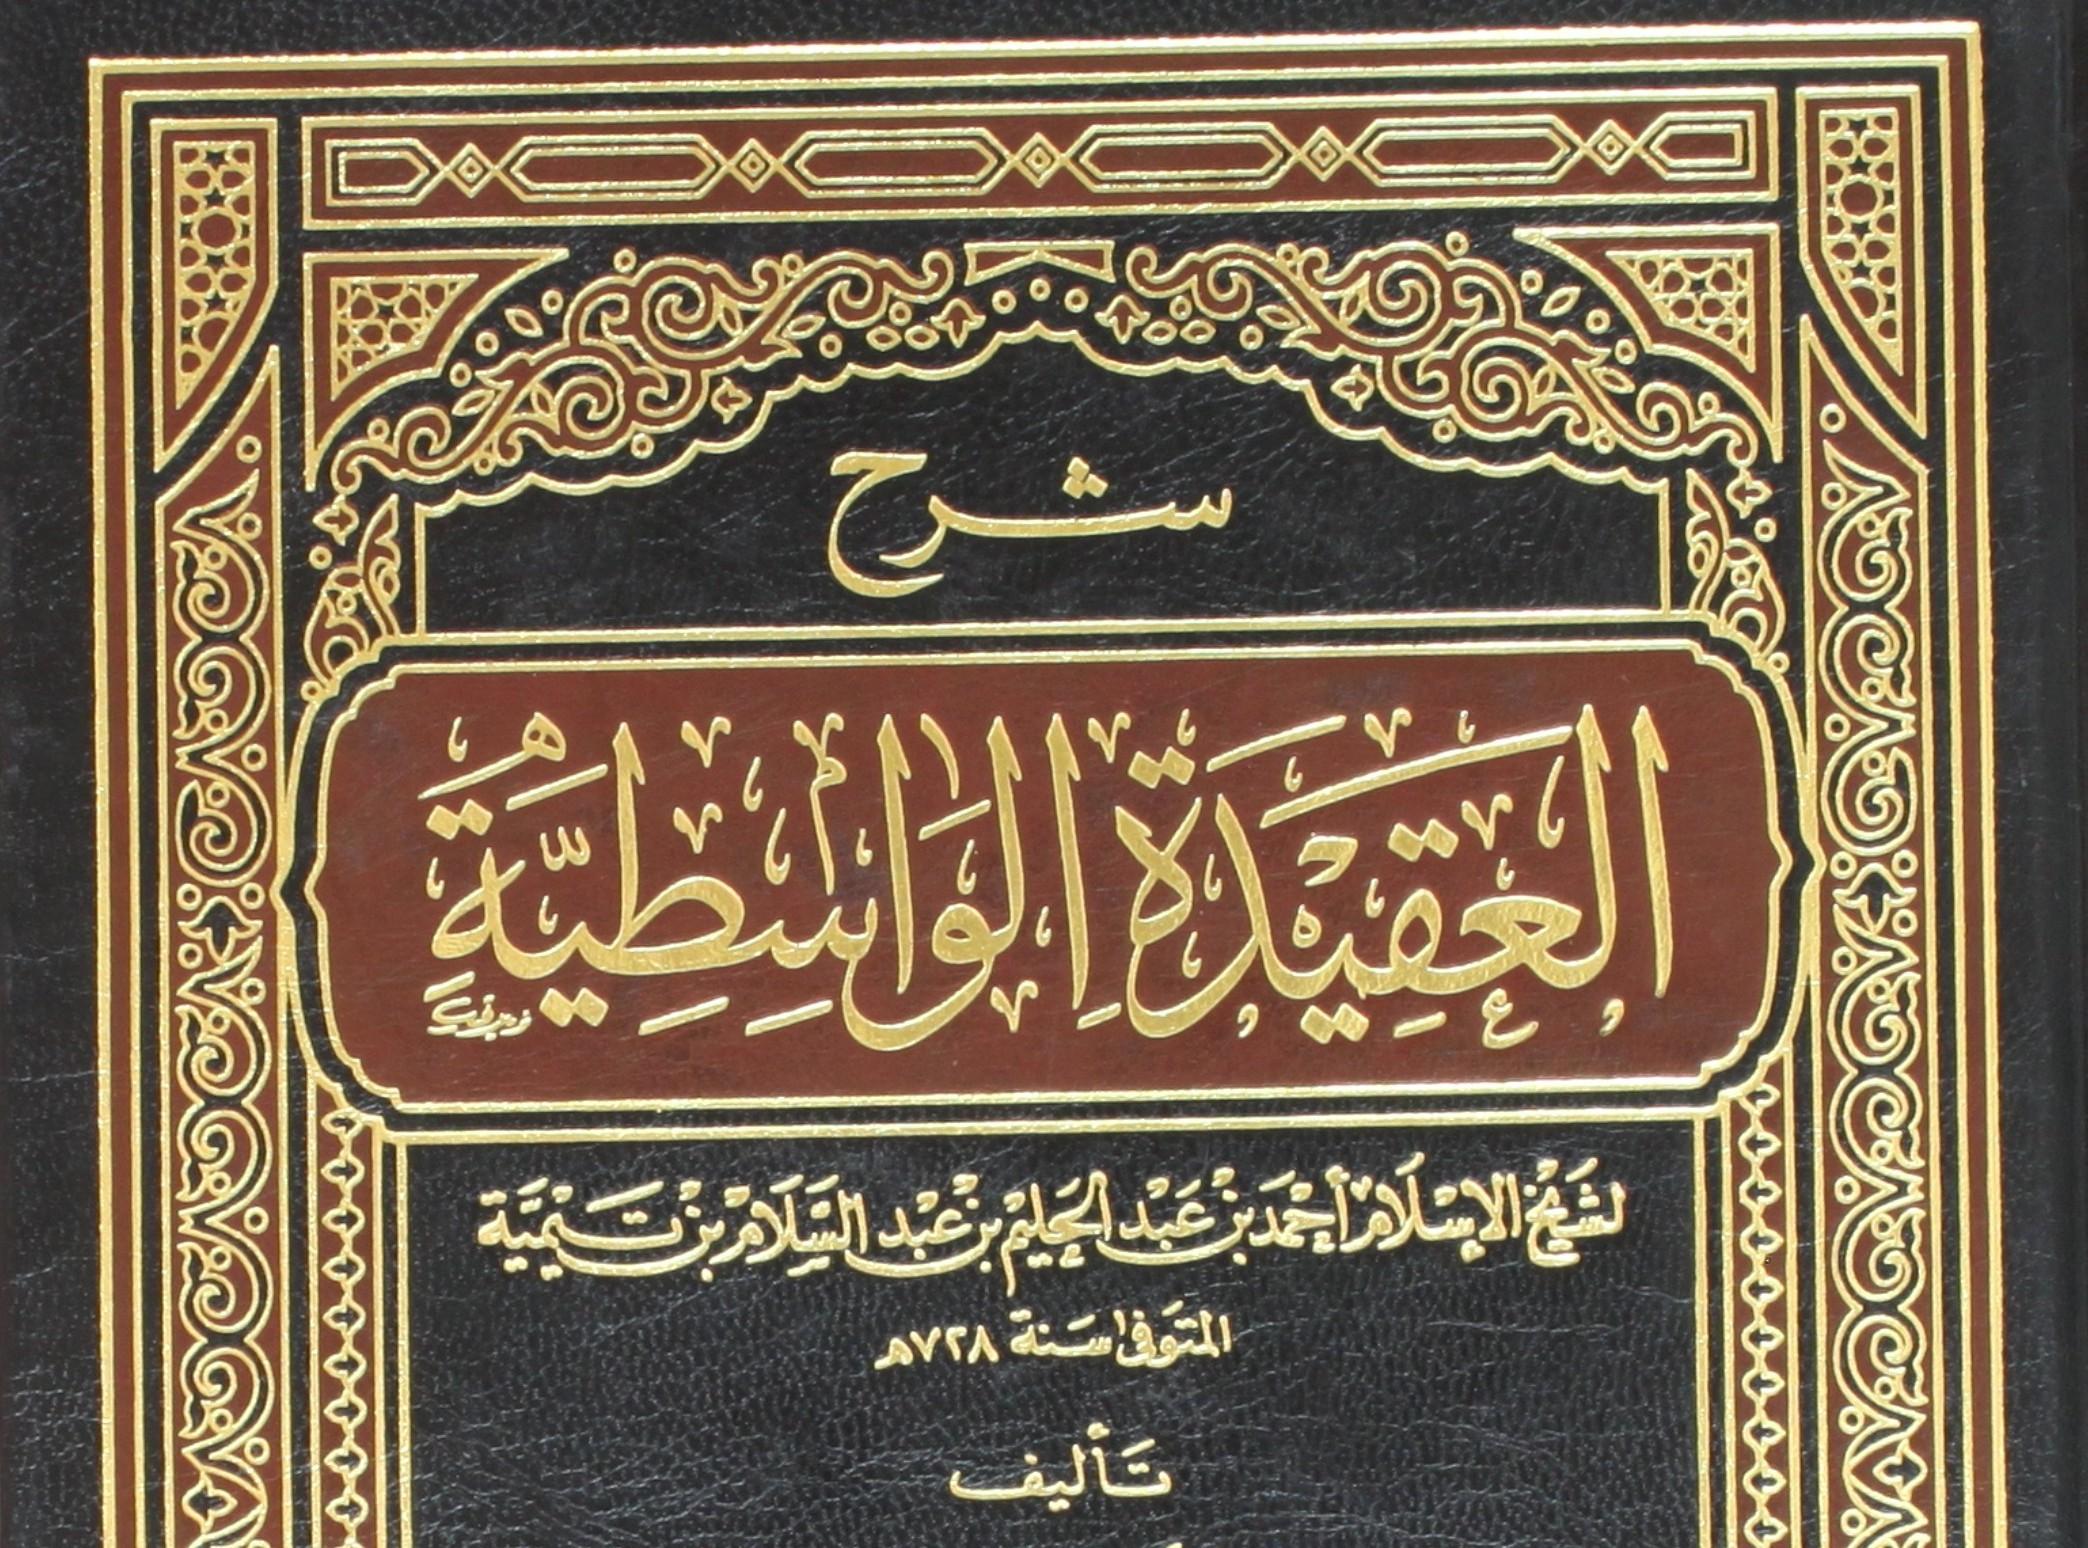 شرح العقيدة الواسطية في ضوء الكتاب والسنة لسعيد بن علي بن وهف القحطاني